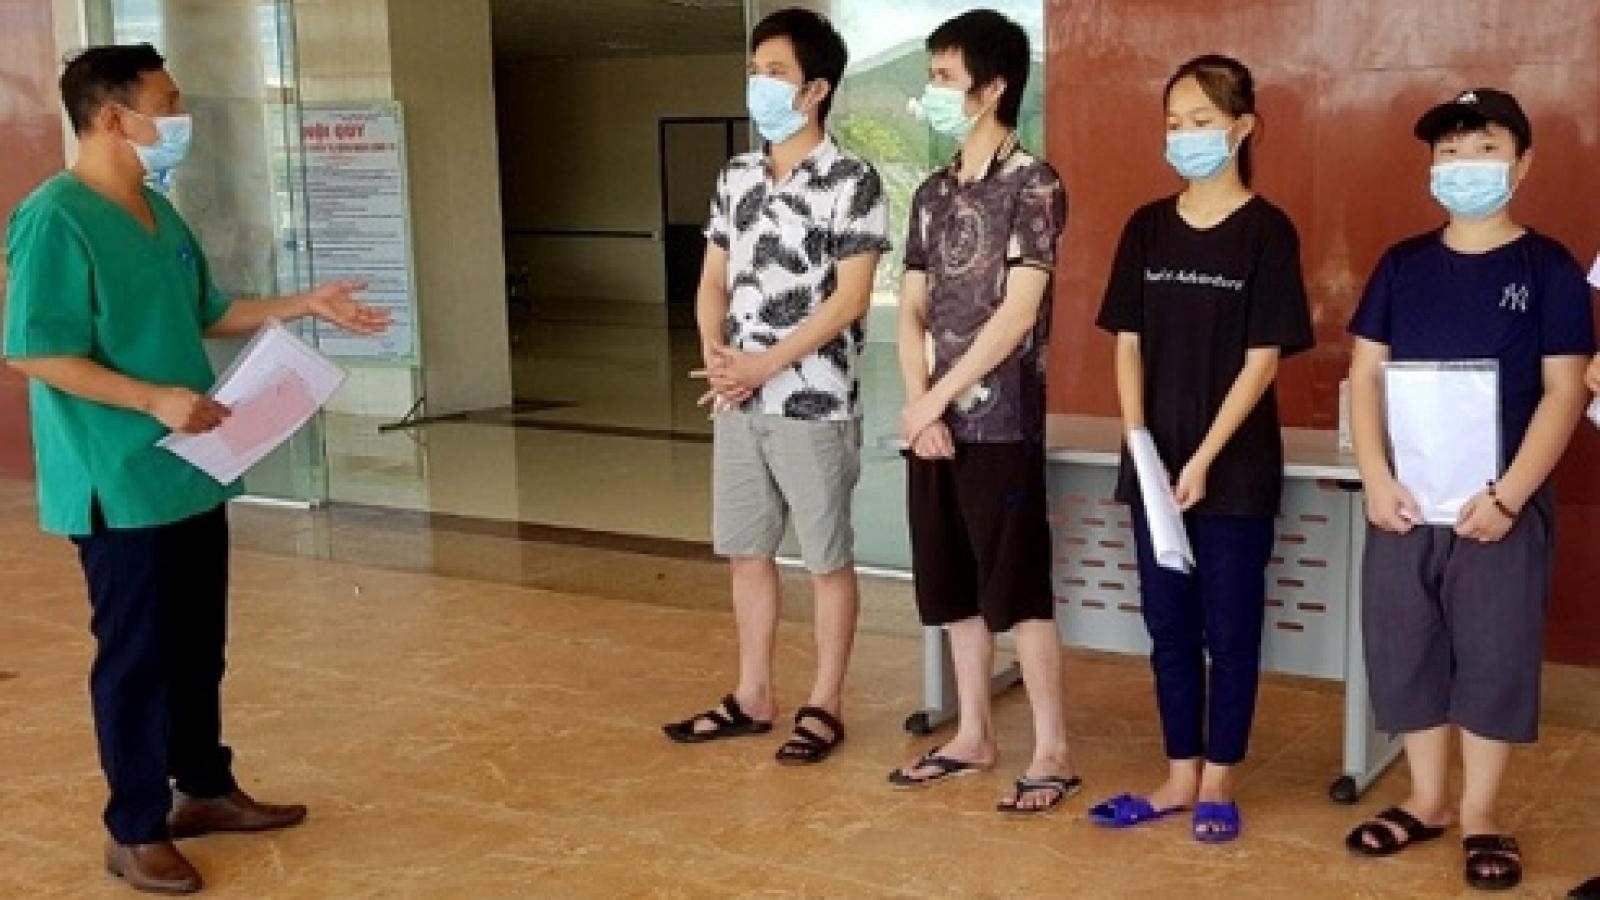 Hà Tĩnh đã qua18 ngày không có ca mắc COVID-19 trong cộng đồng